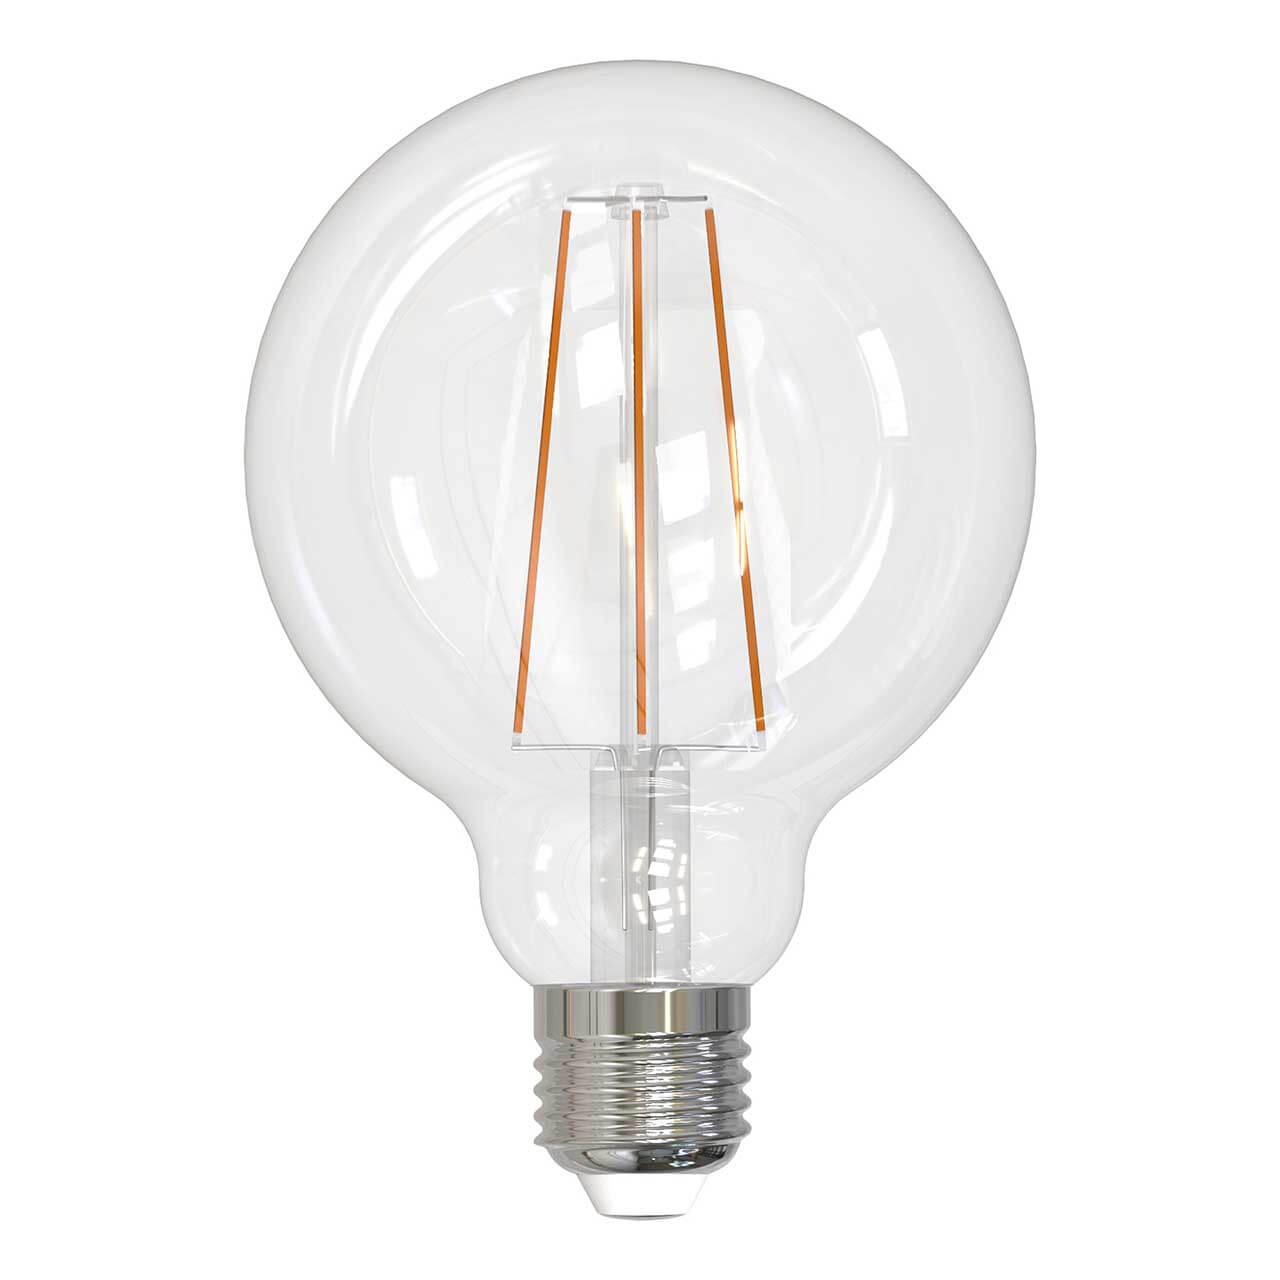 Фото - Лампочка Uniel LED-G95-15W/3000K/E27/CL PLS02WH SKY Globe лампочка uniel led g45 13w 3000k e27 cl pls02wh sky